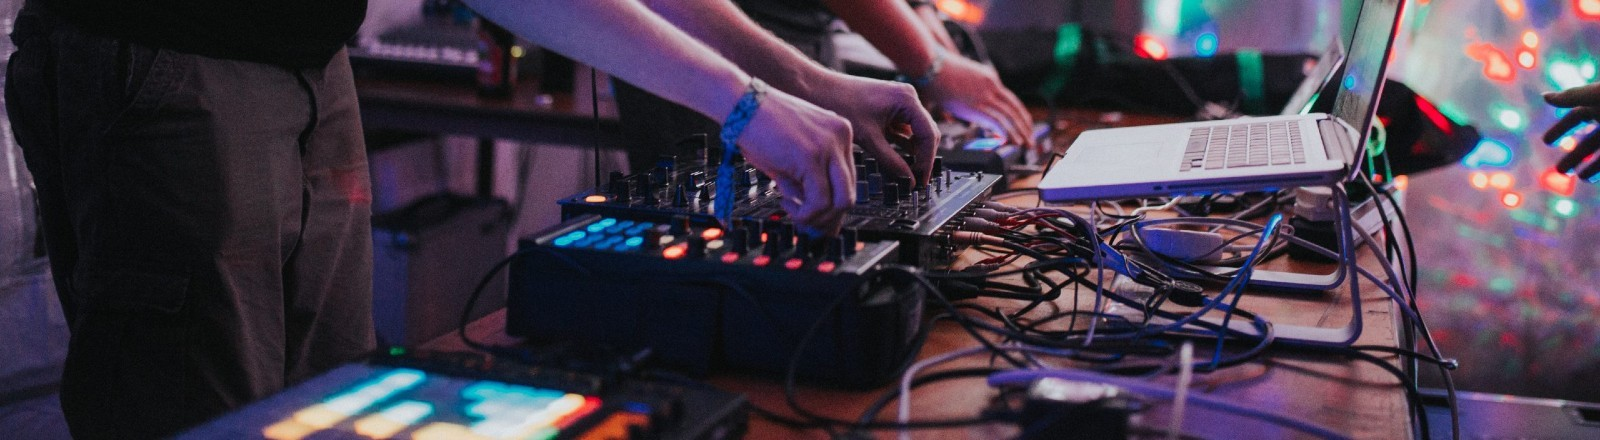 """DJ-Set auf der Demoparty """"Evoke"""" 2019, bei dem im Hintergrund ein Demo zu sehen ist."""